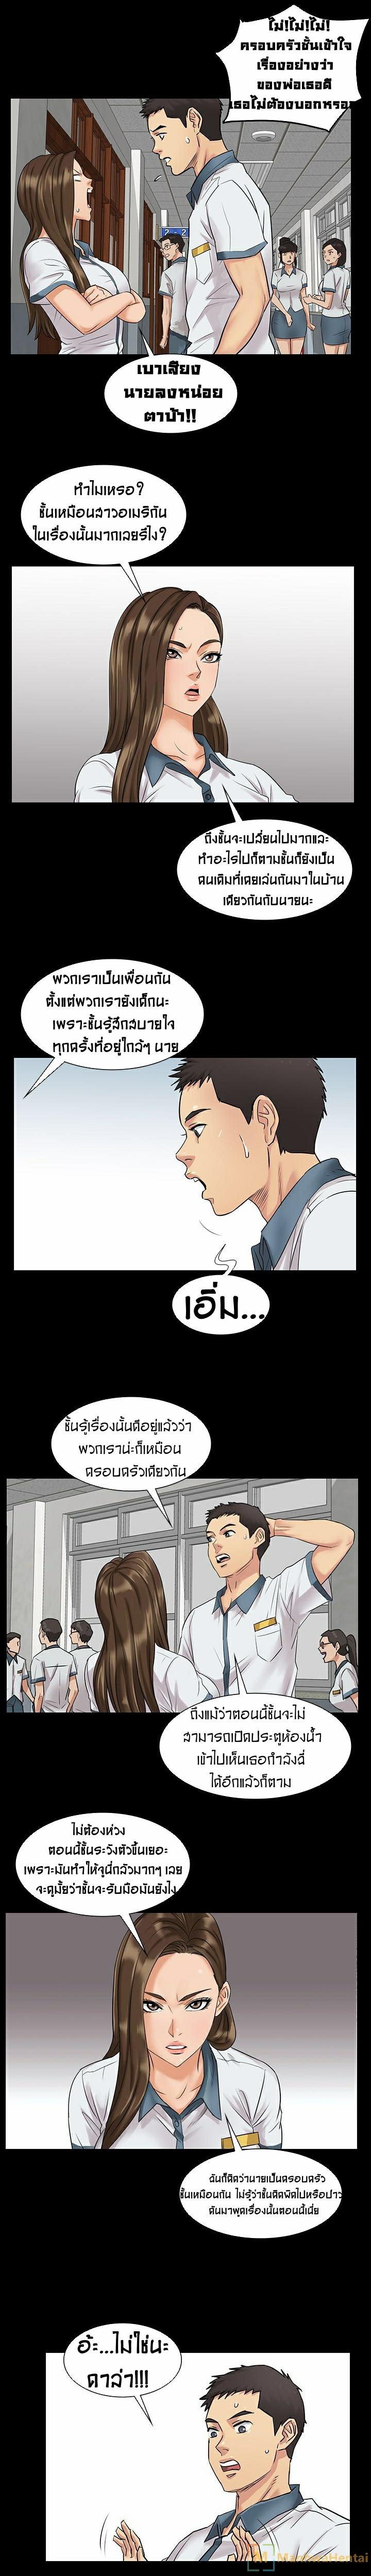 ควีน บี ภาพ 24